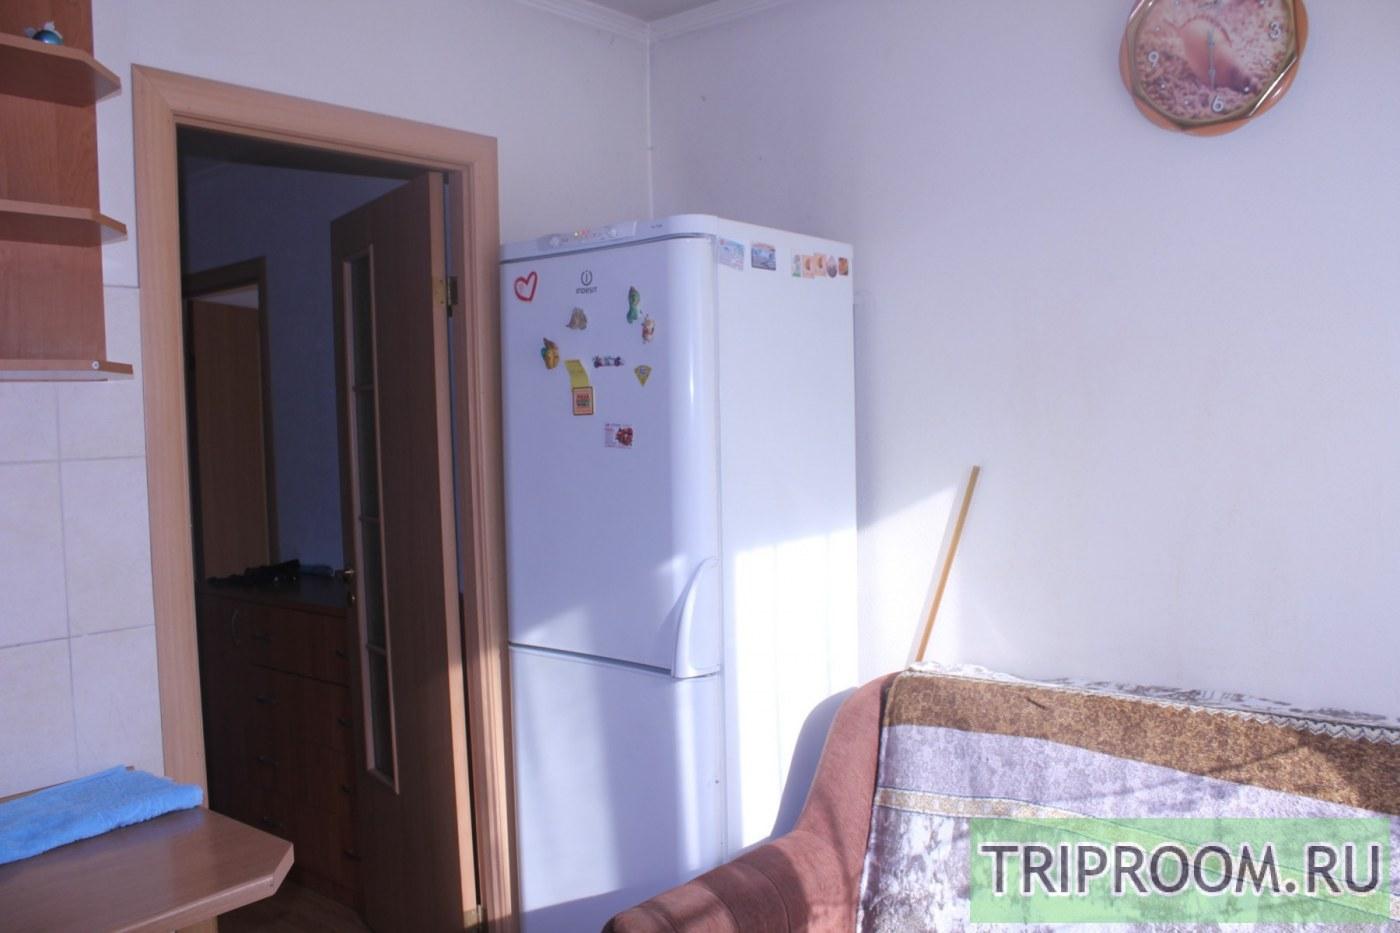 1-комнатная квартира посуточно (вариант № 40541), ул. Ореховый бульвар, фото № 13